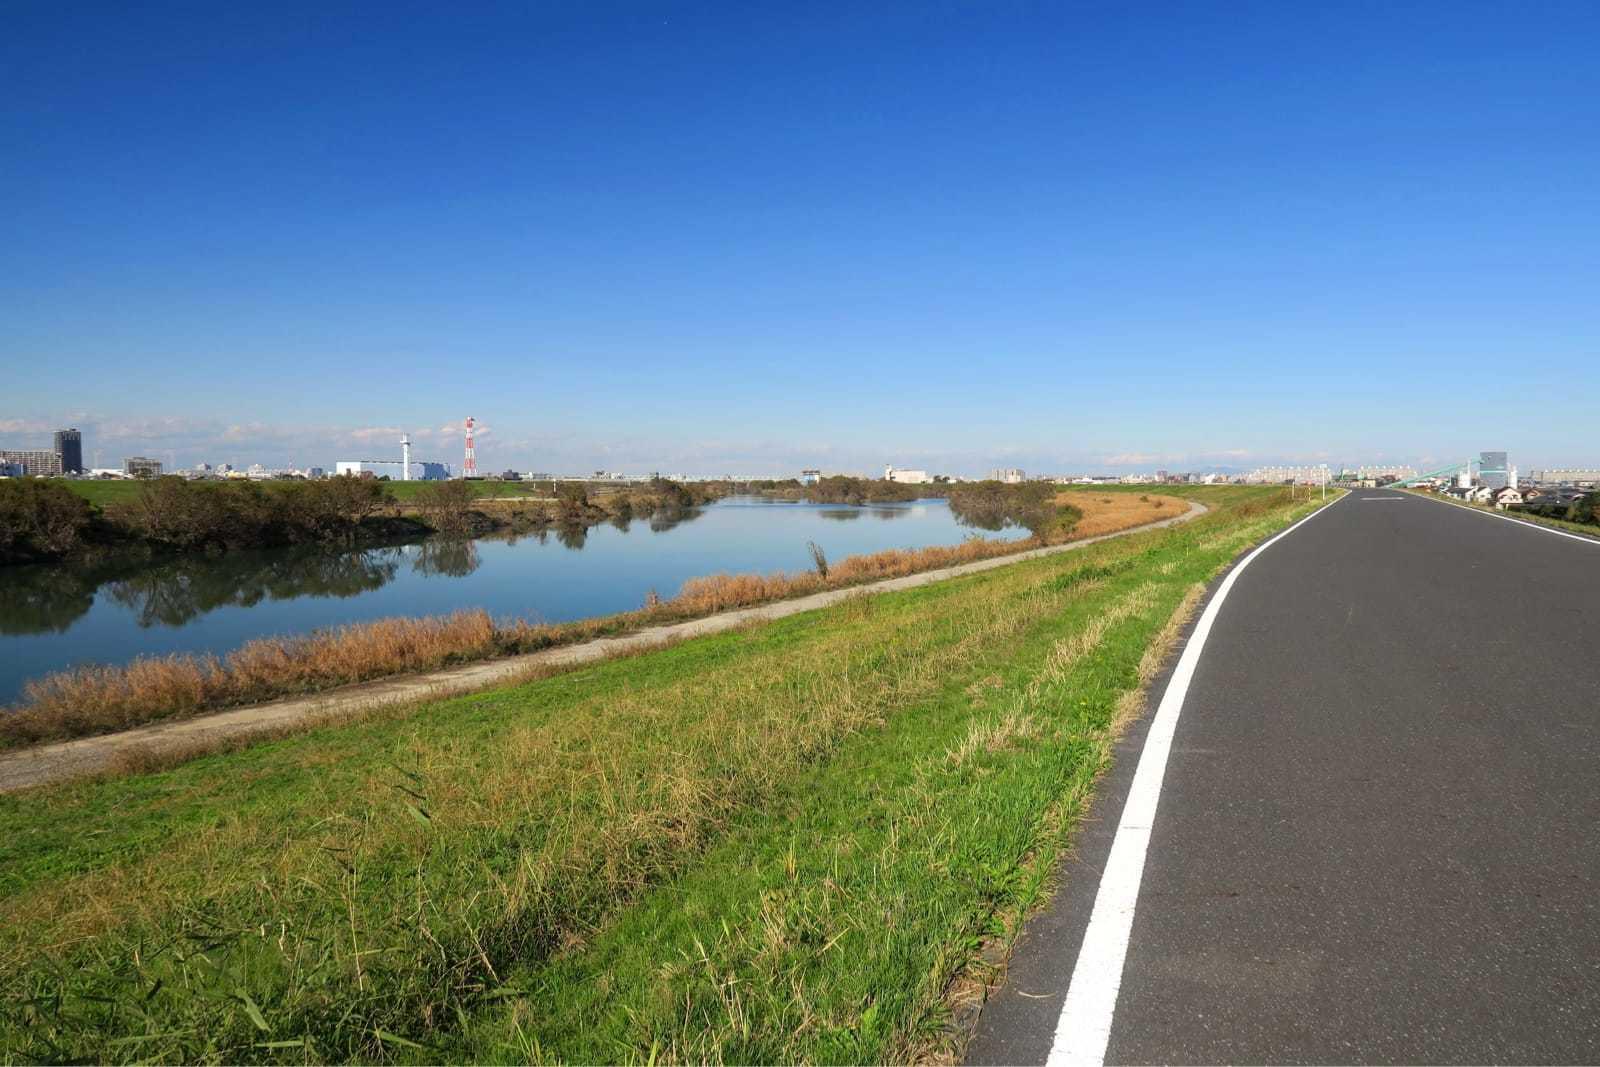 サイクリング道路と冬の江戸川風景